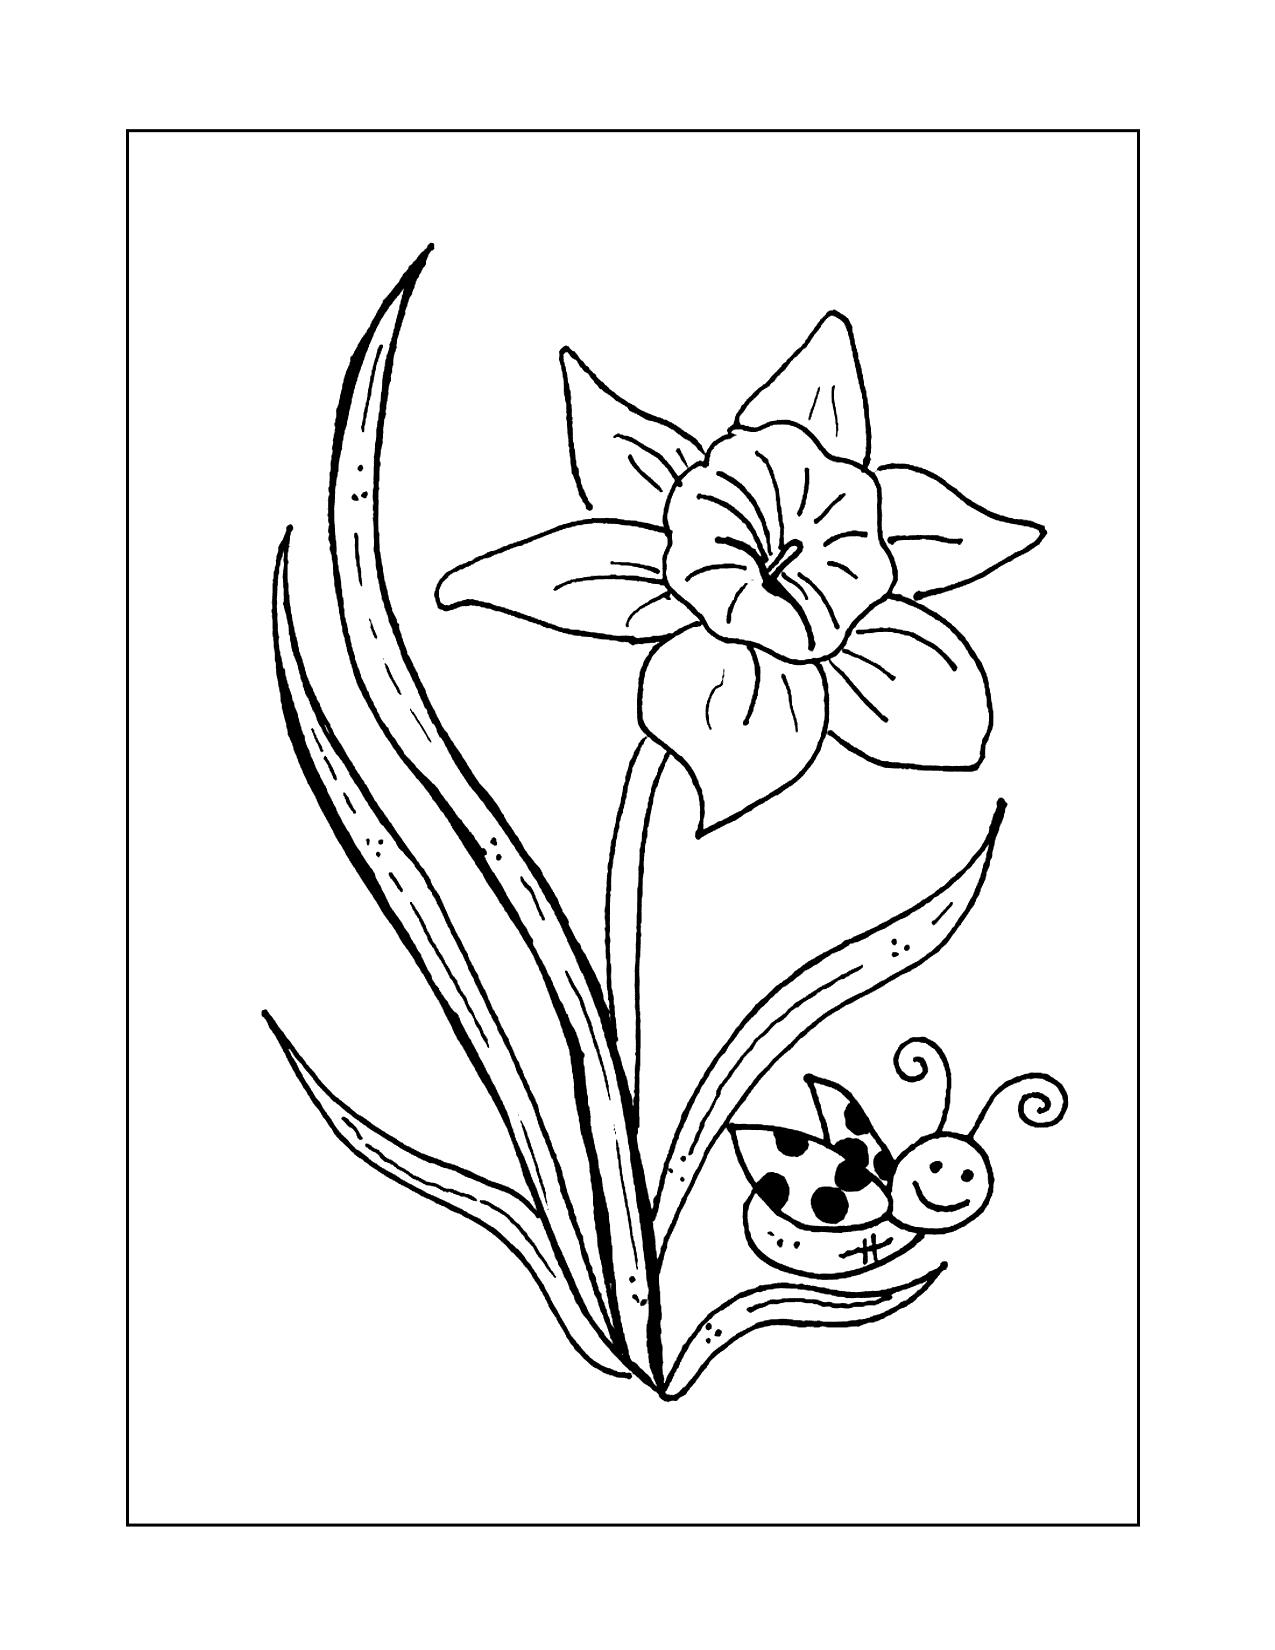 Daffodil And Ladybug Coloring Page